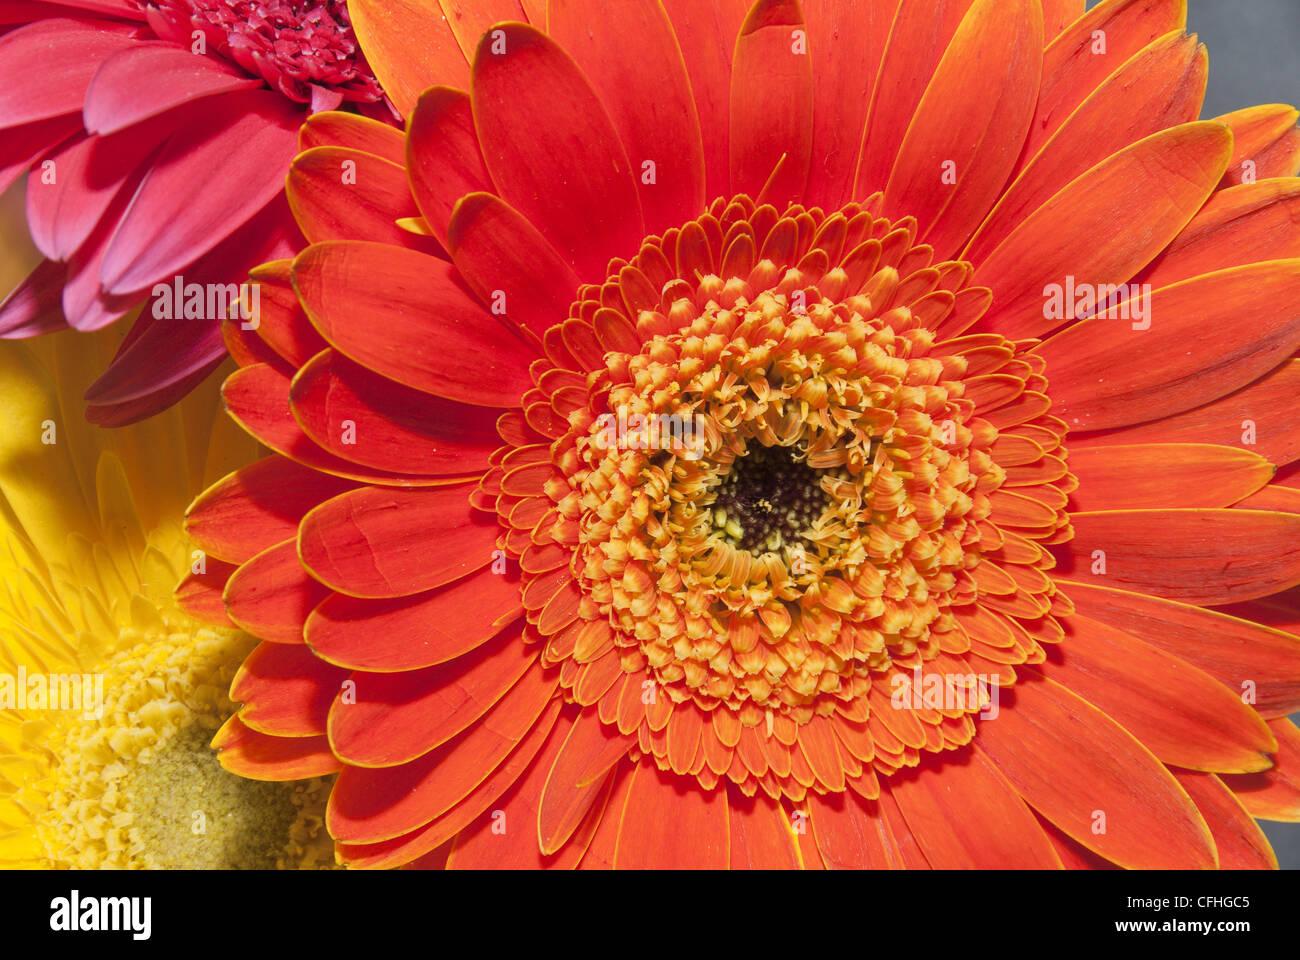 Colorful Gerbera daisies - Stock Image